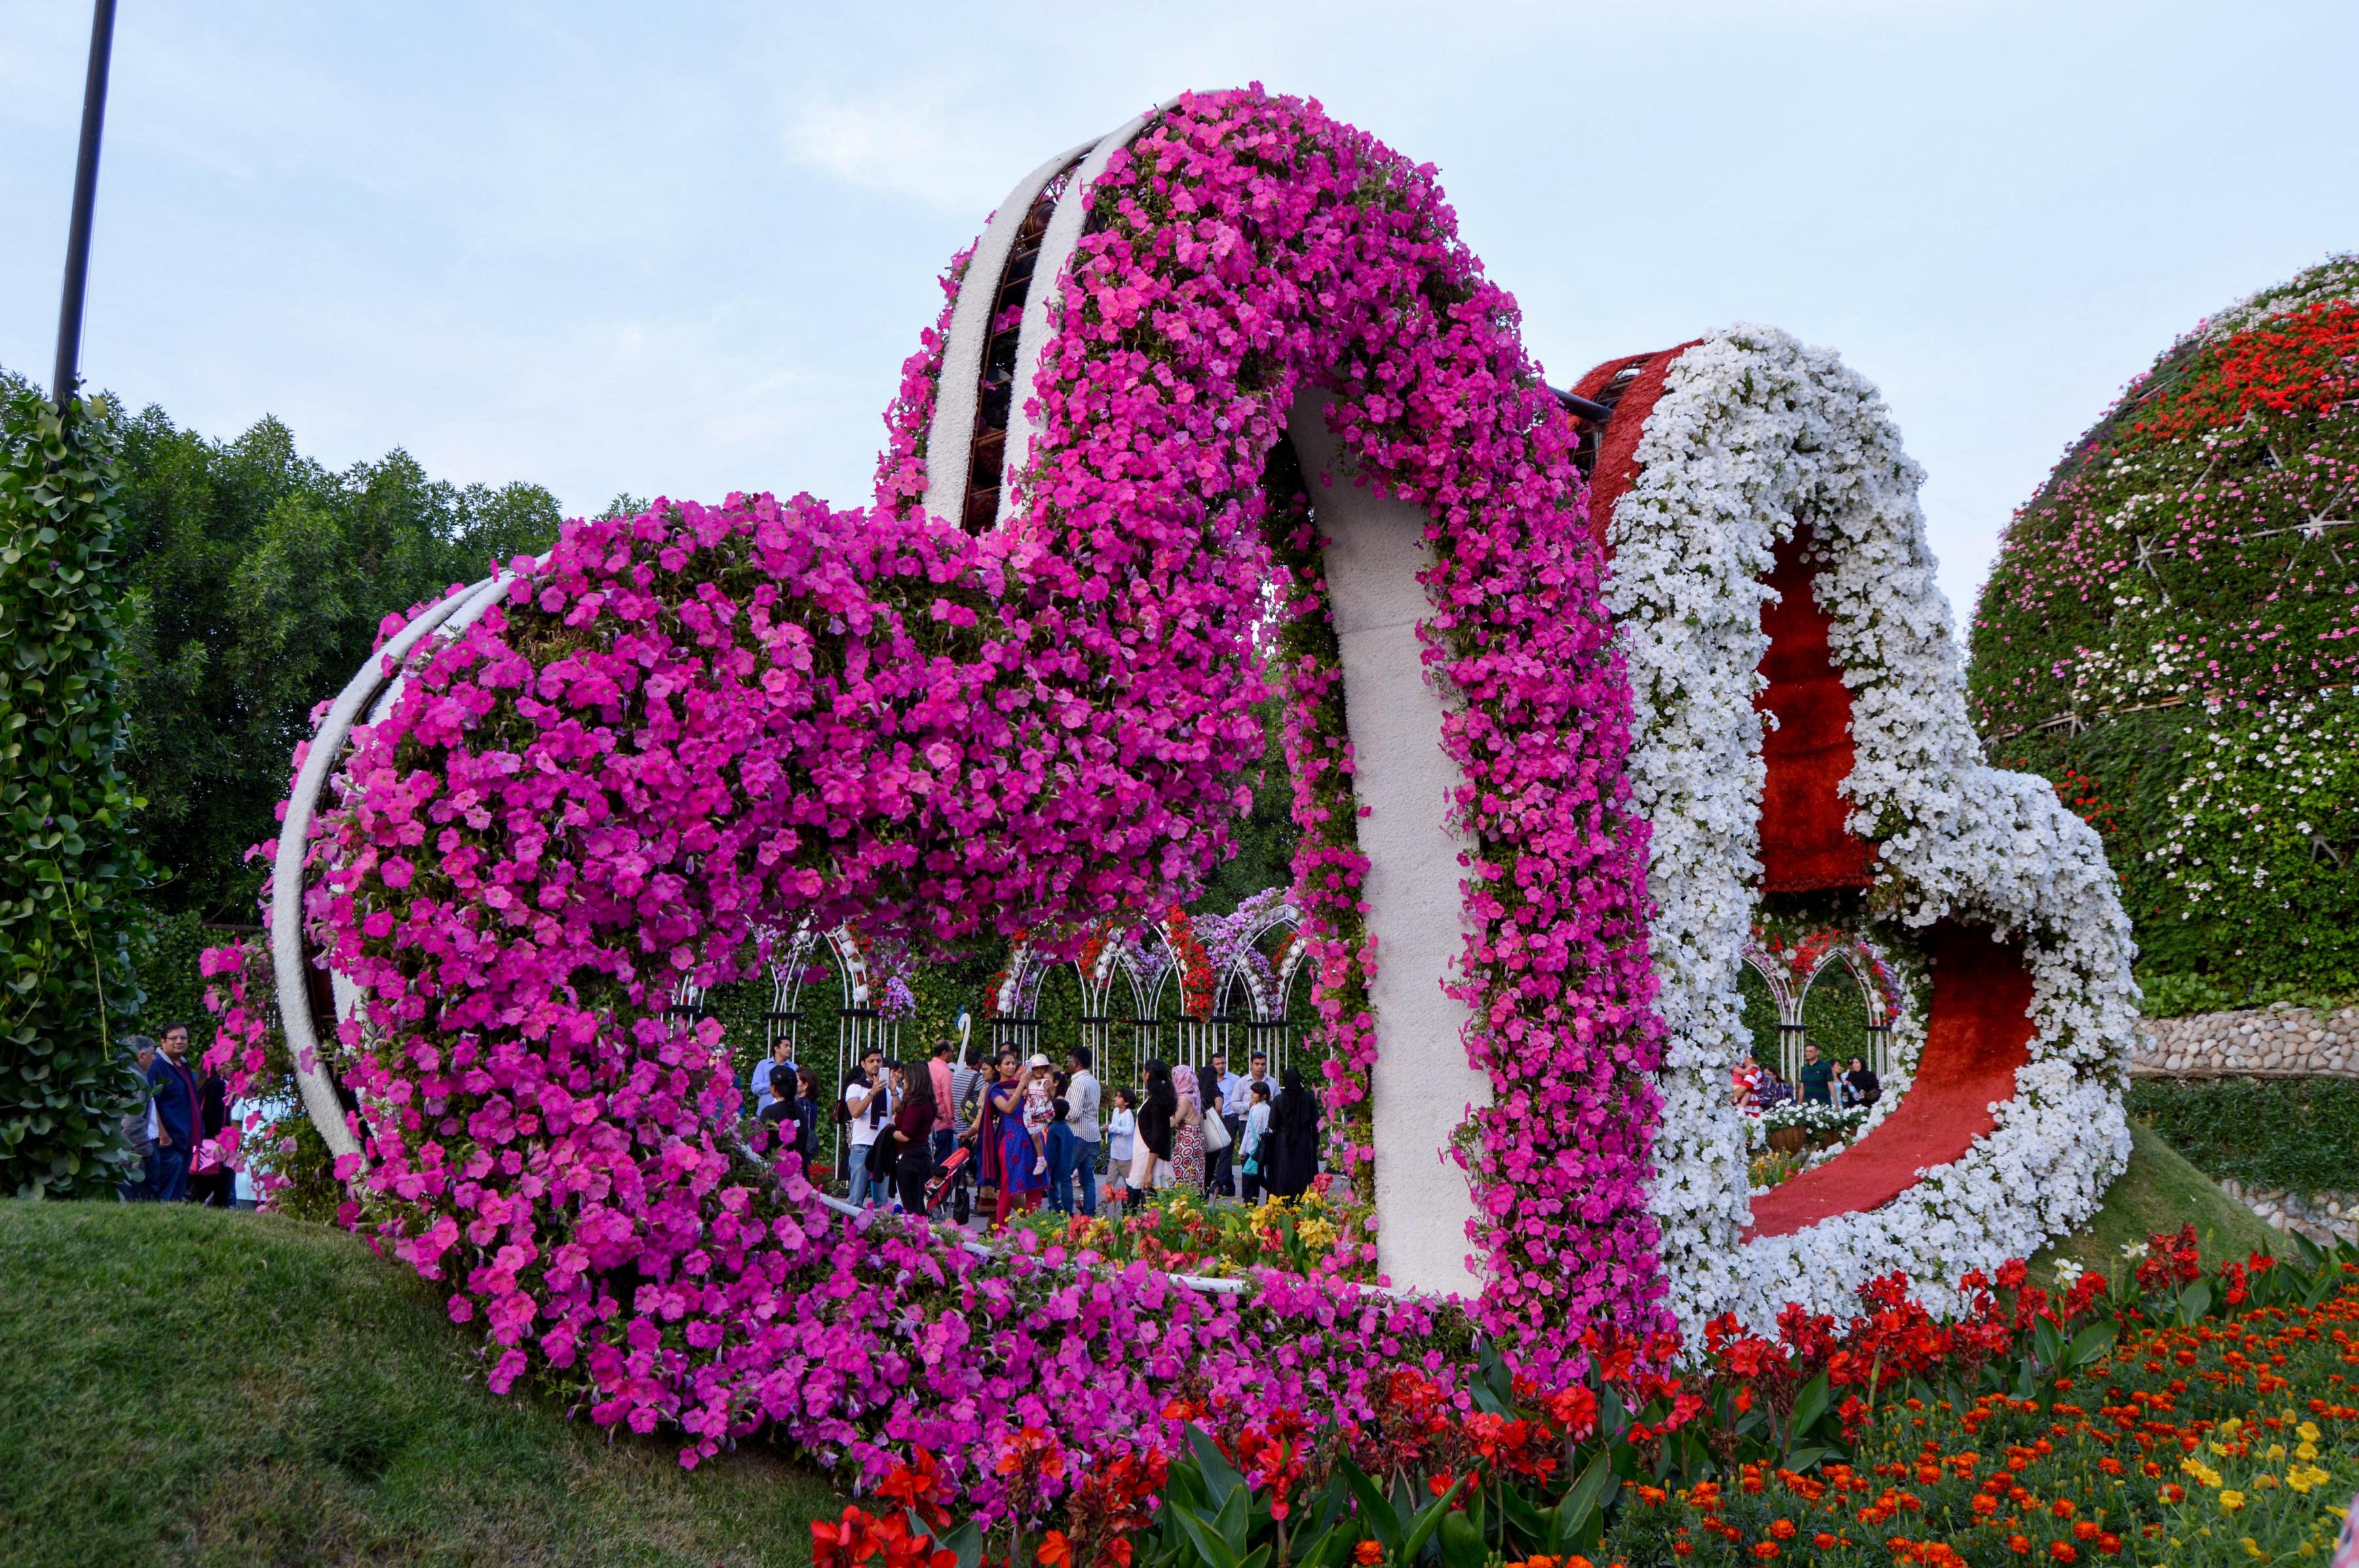 Fotos Gratis Planta Flor Floral Parque Jardín Temporada